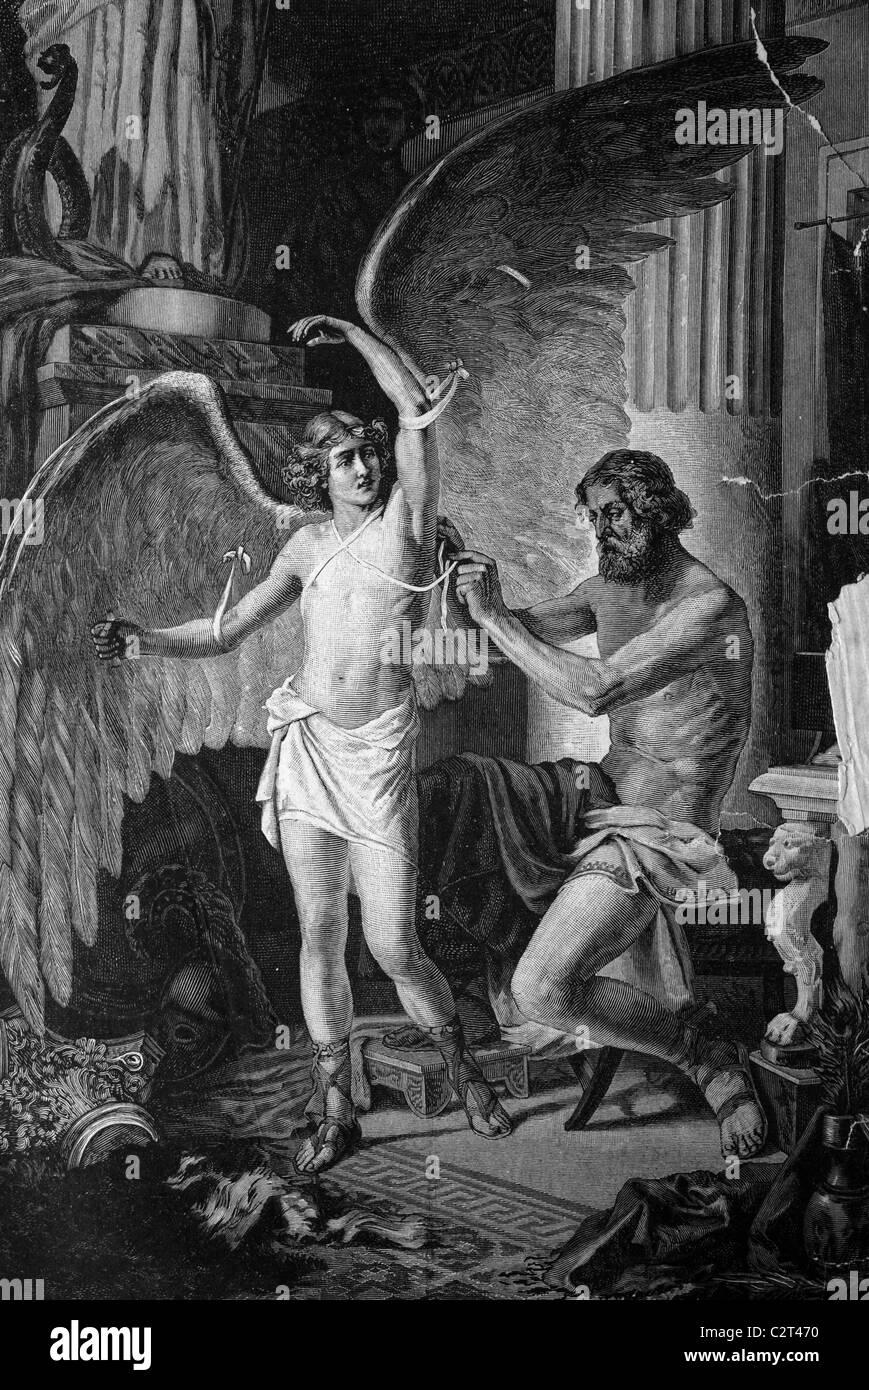 La mythologie grecque, dédale l'équipement de son fils Icarus avec ailes, illustration du historique, Photo Stock